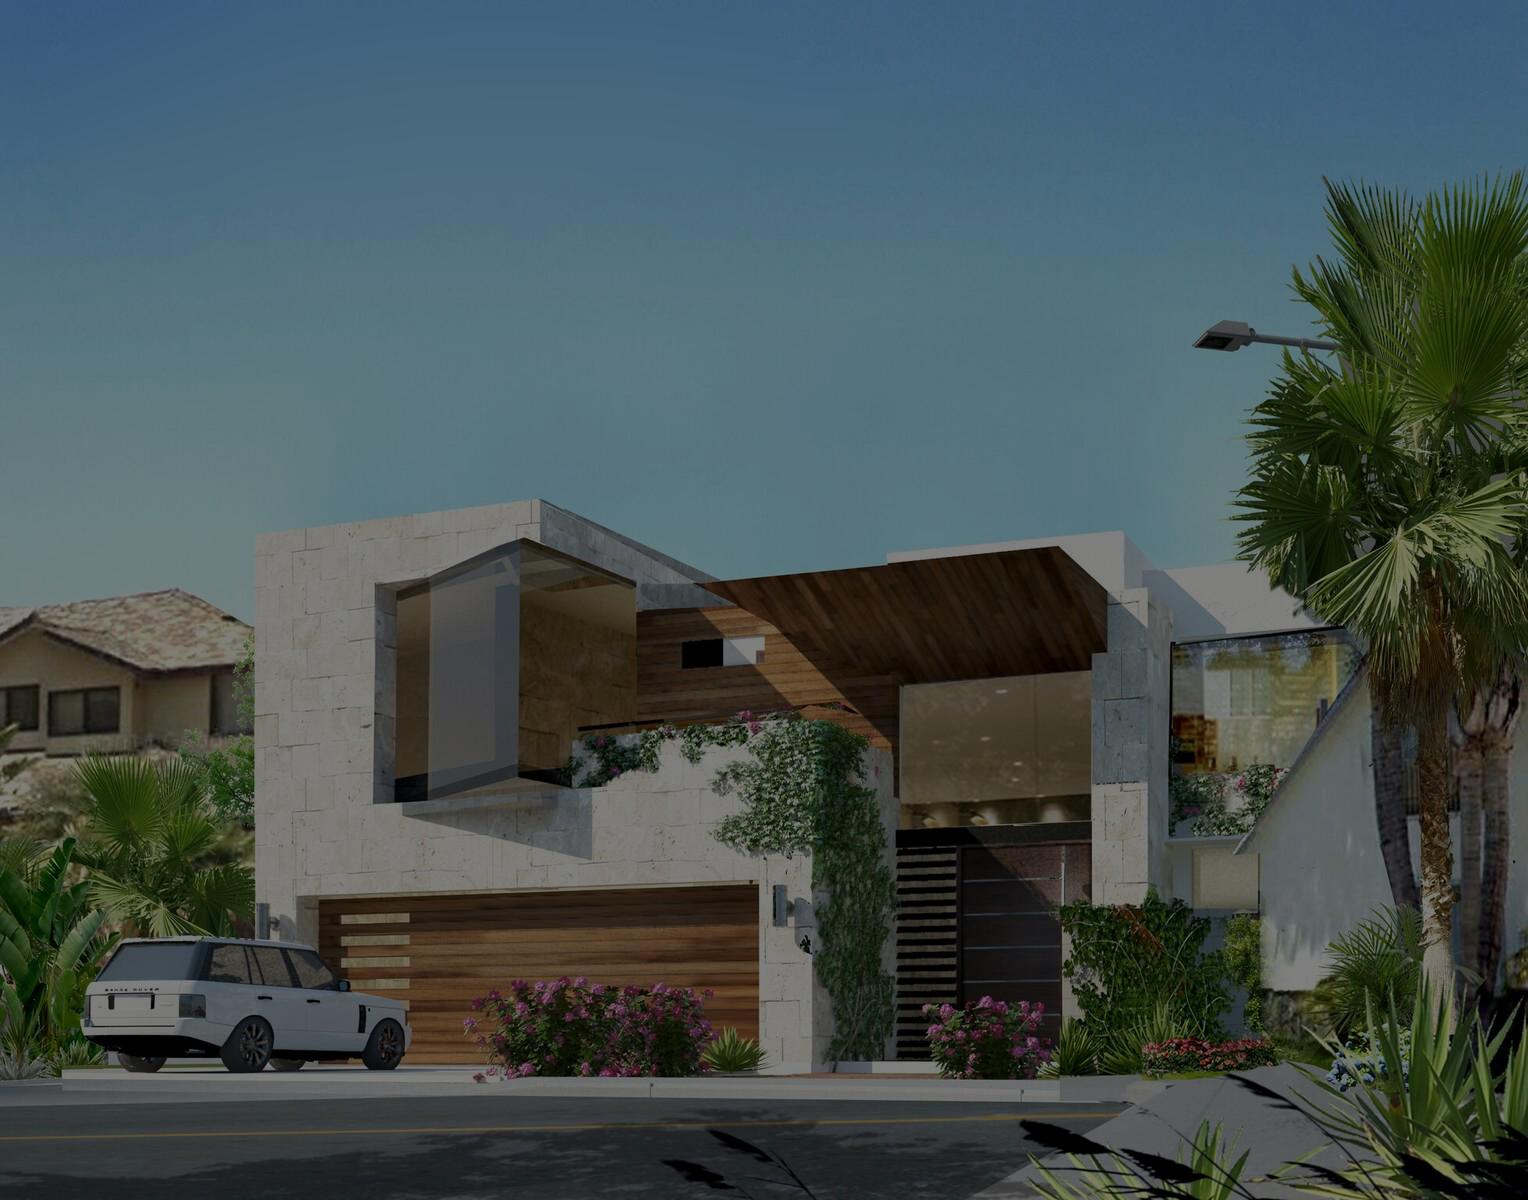 Cadiz Design Build